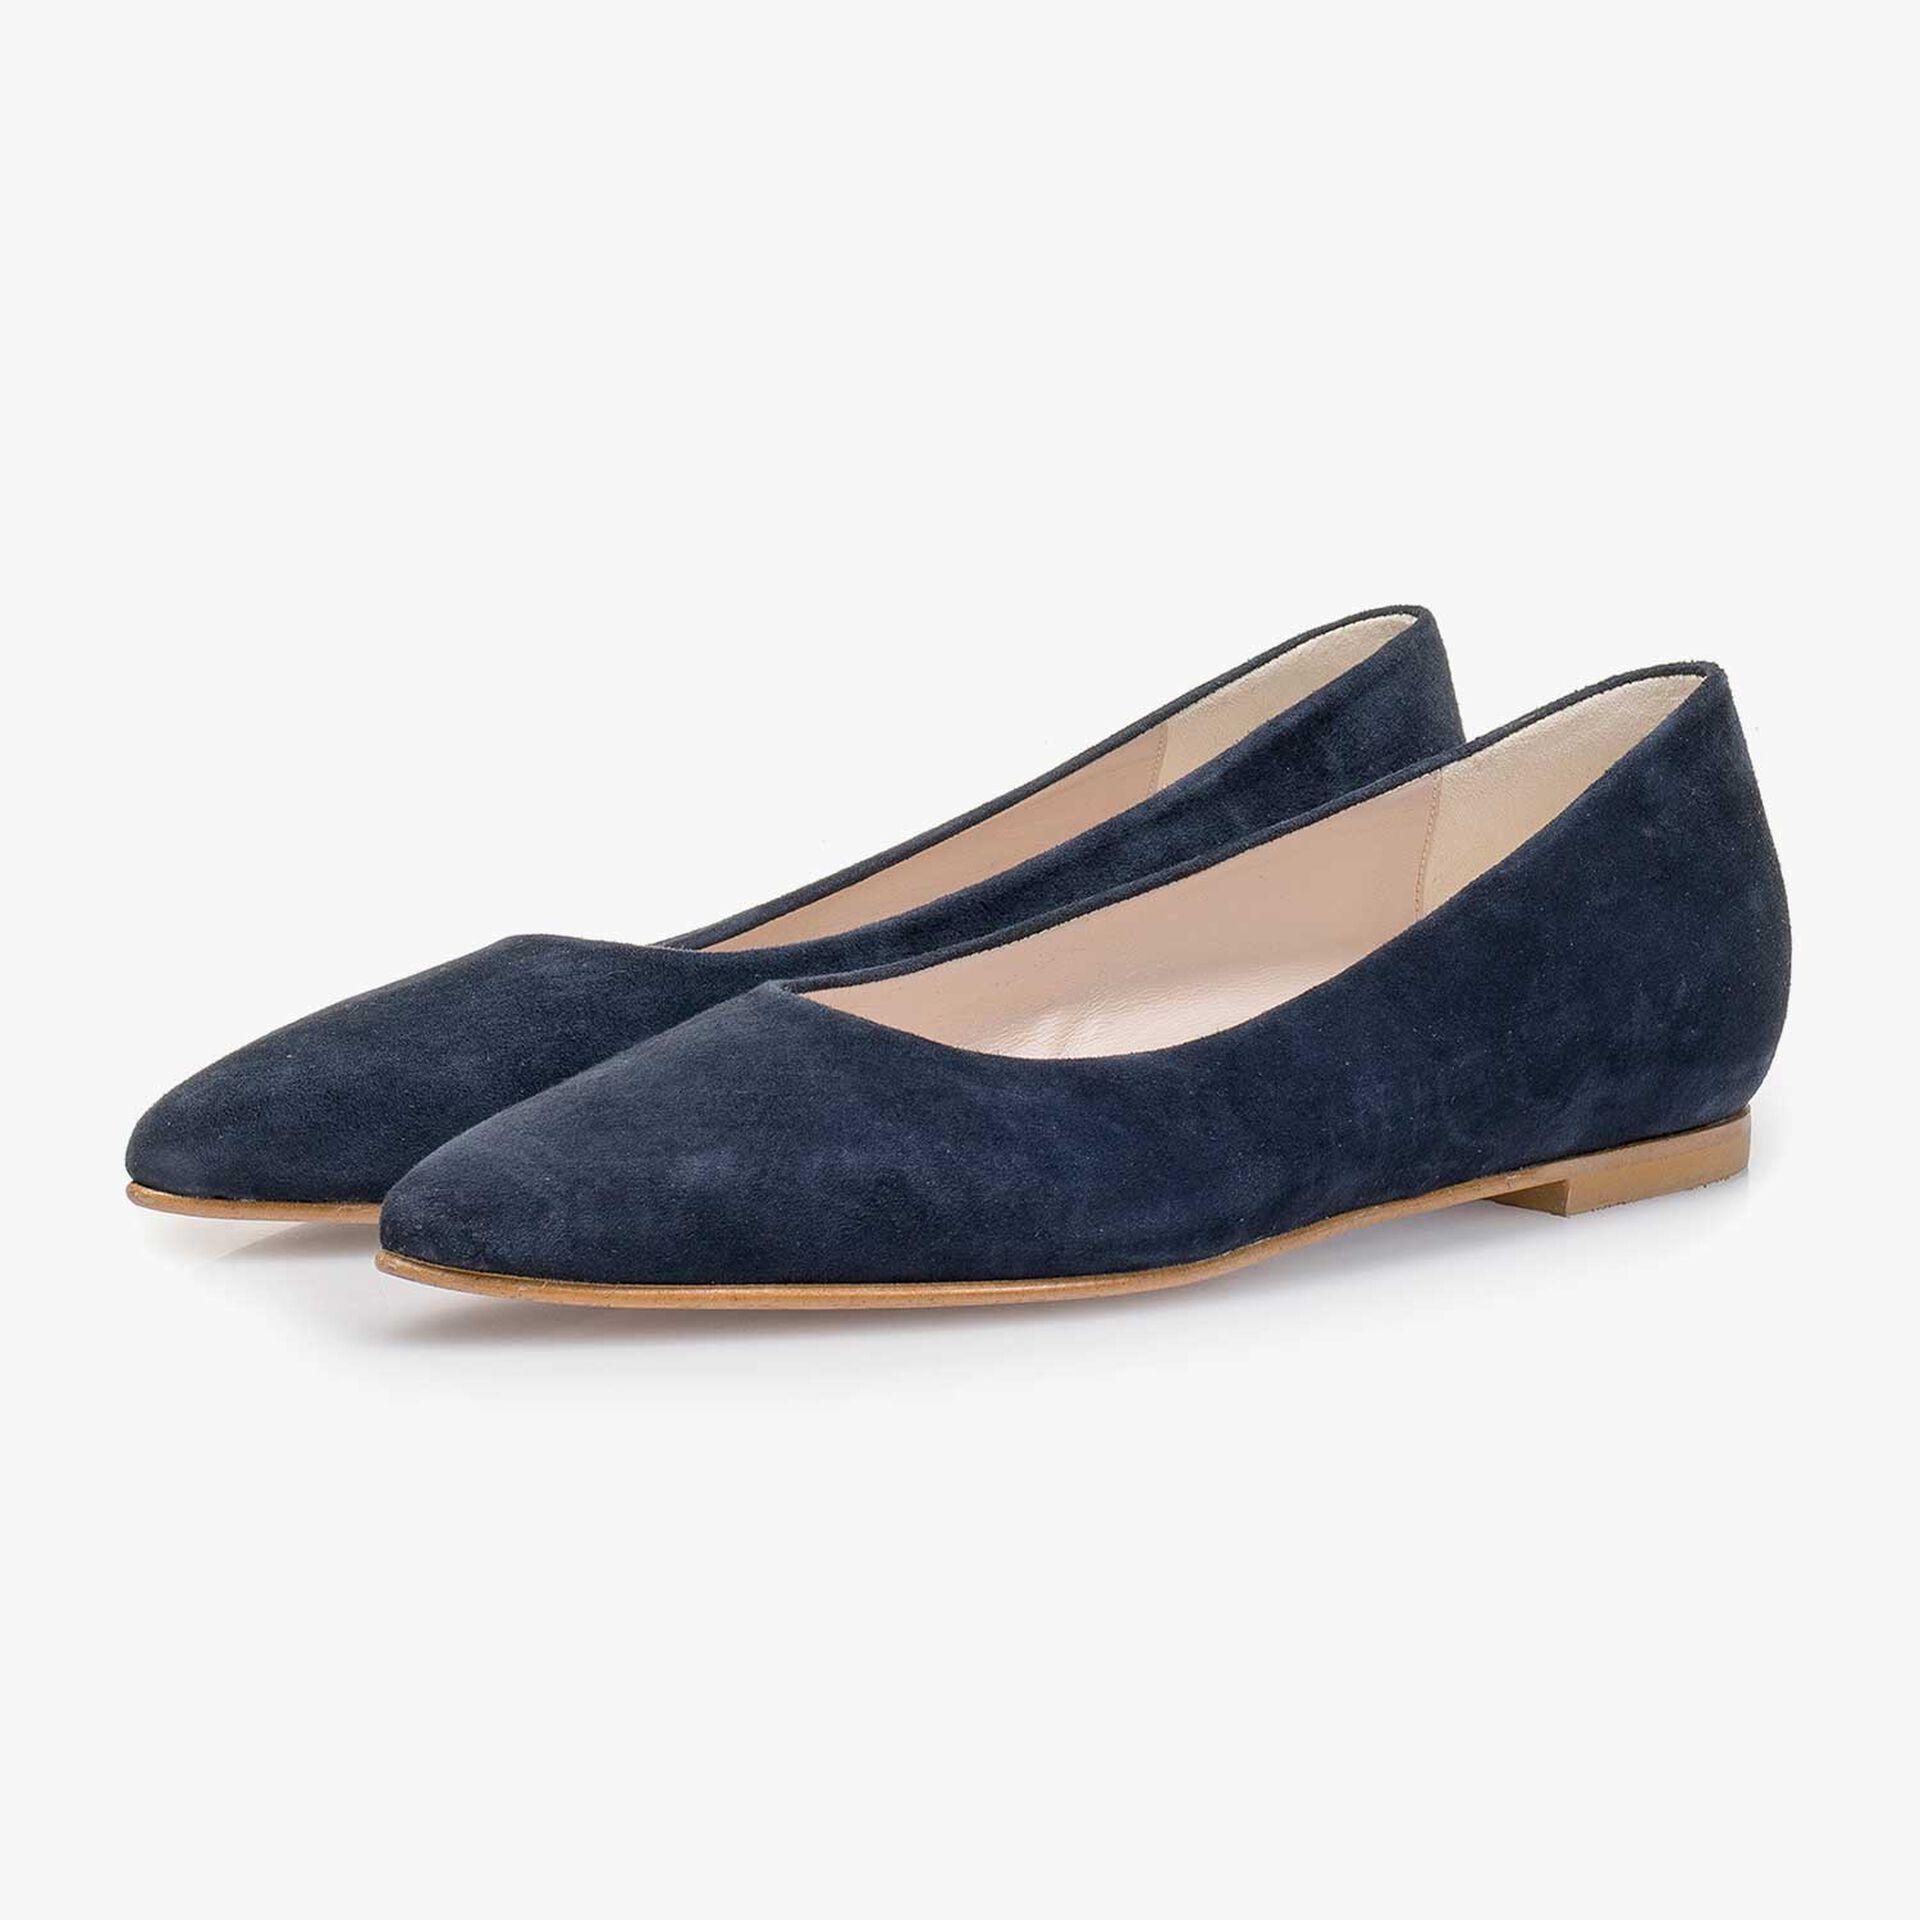 Dark blue suede leather ballerina